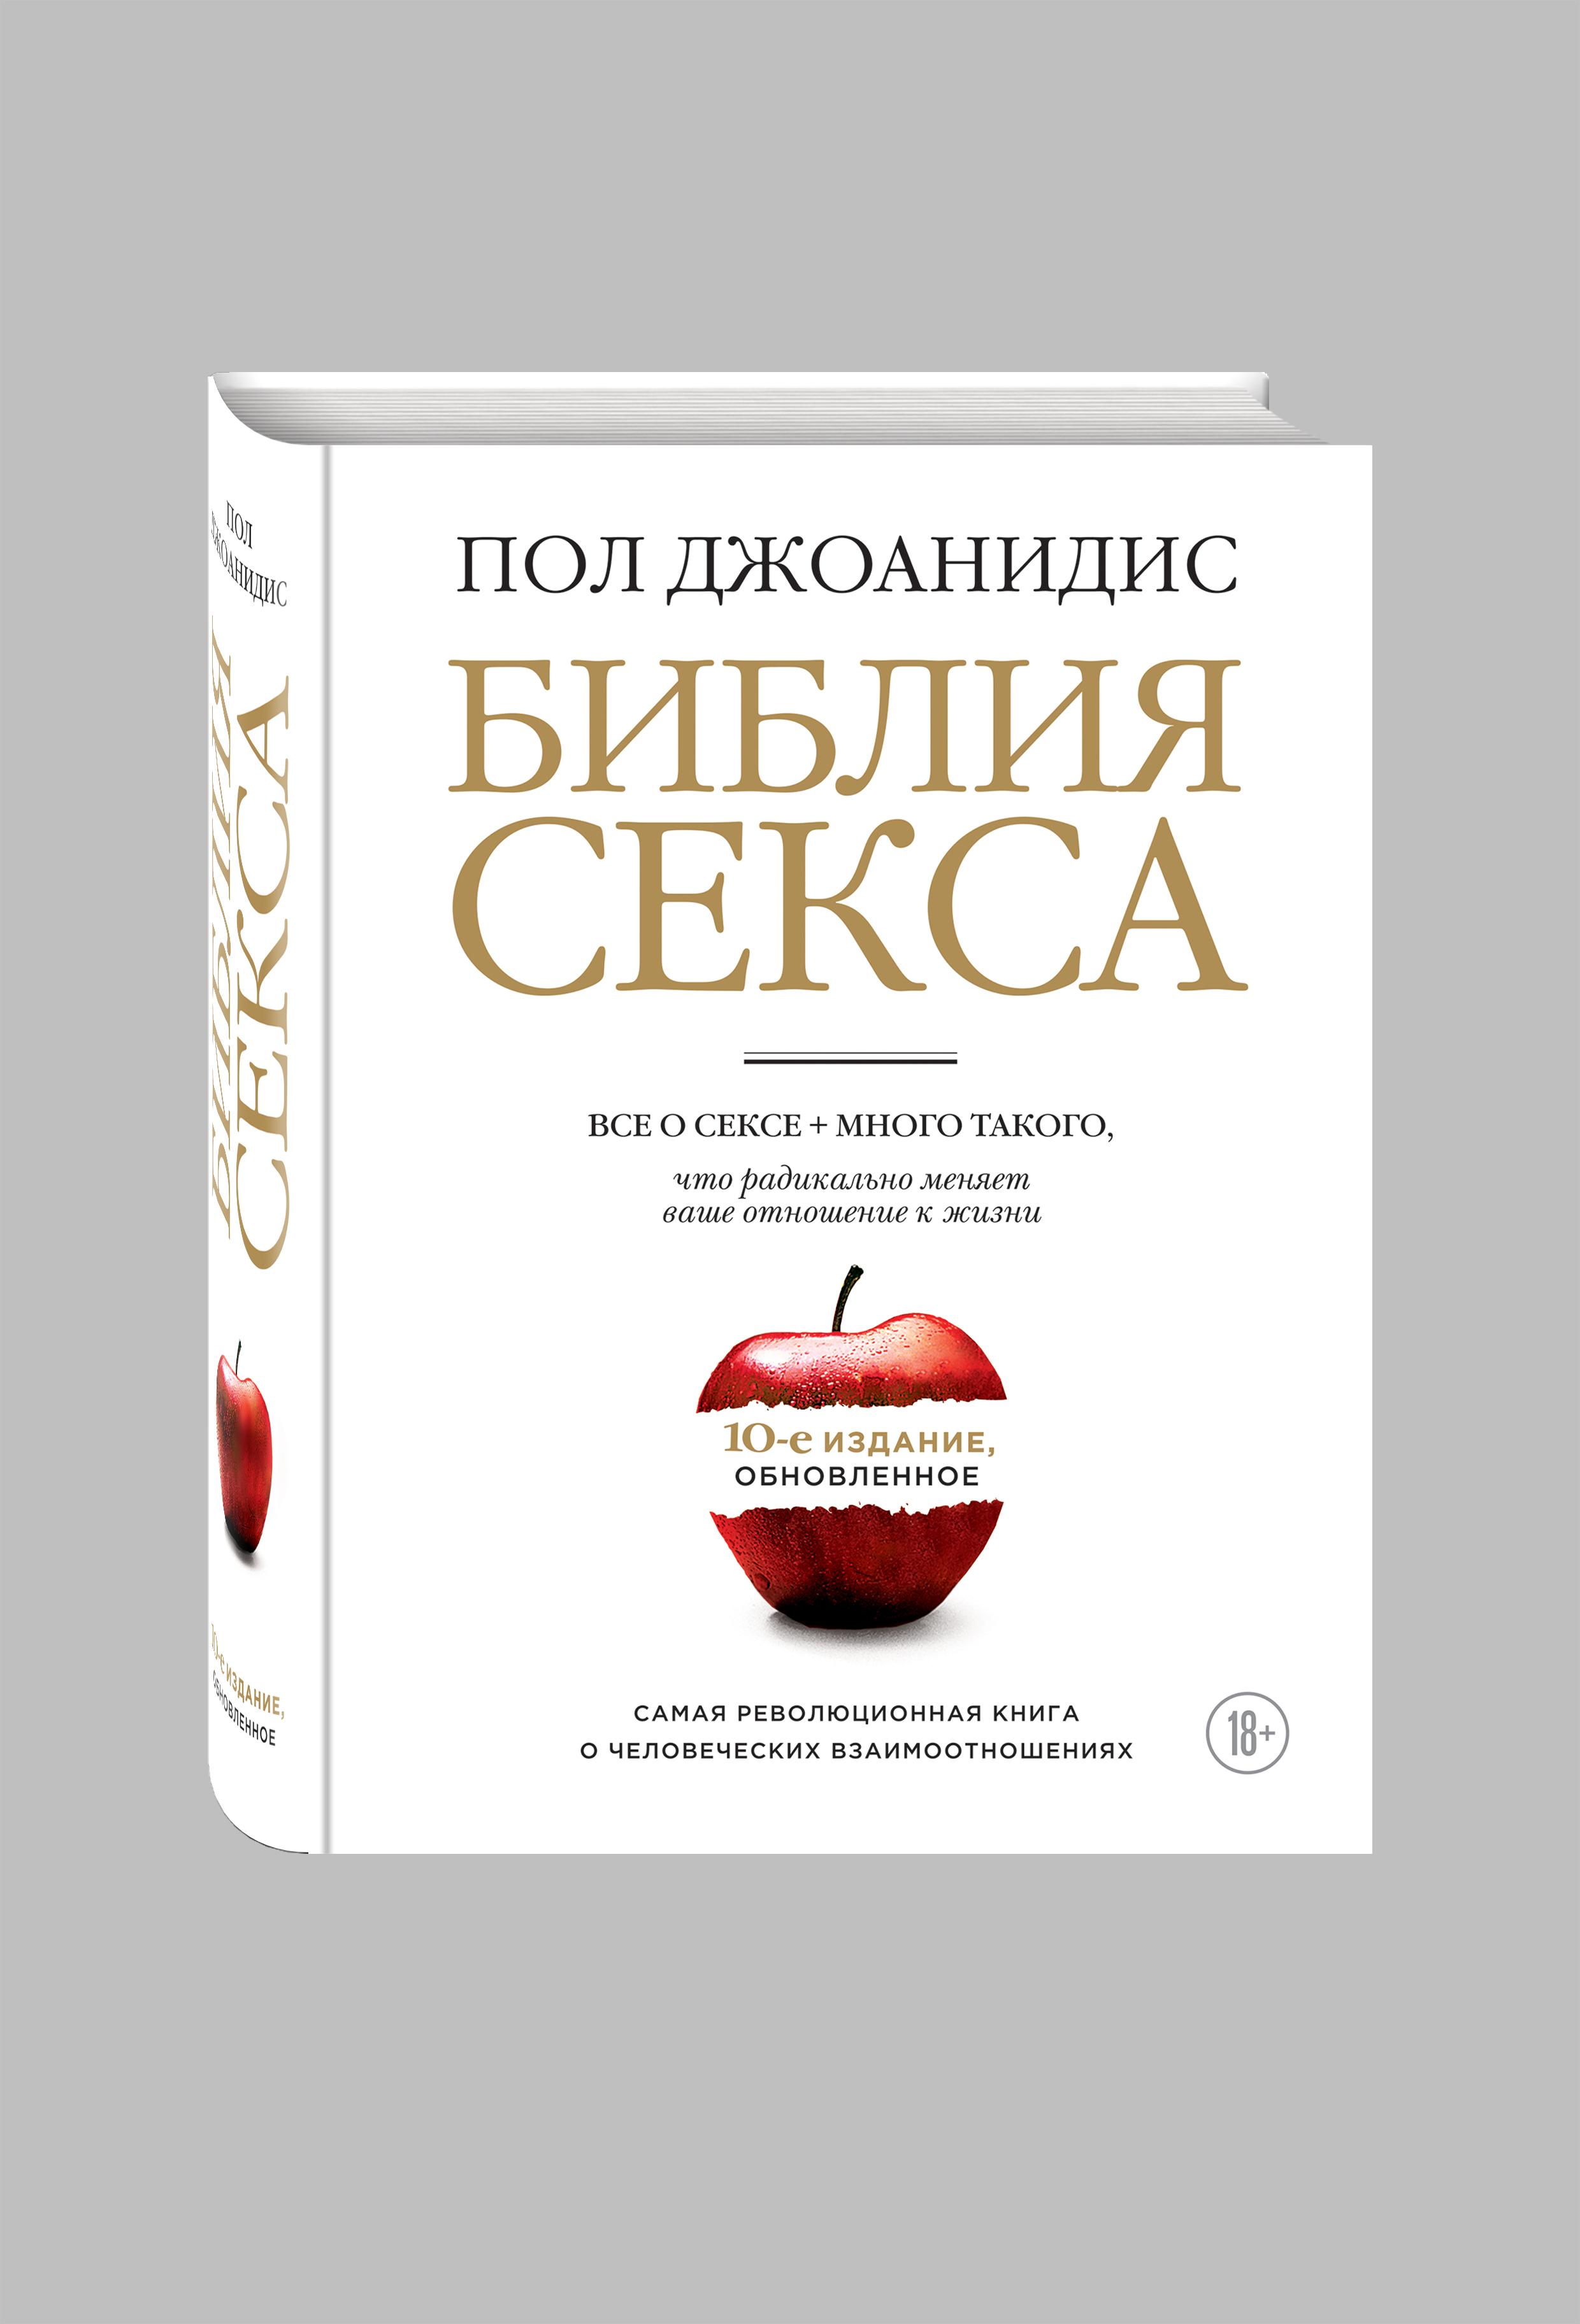 Библия секса. Обновленное издание (бел.)